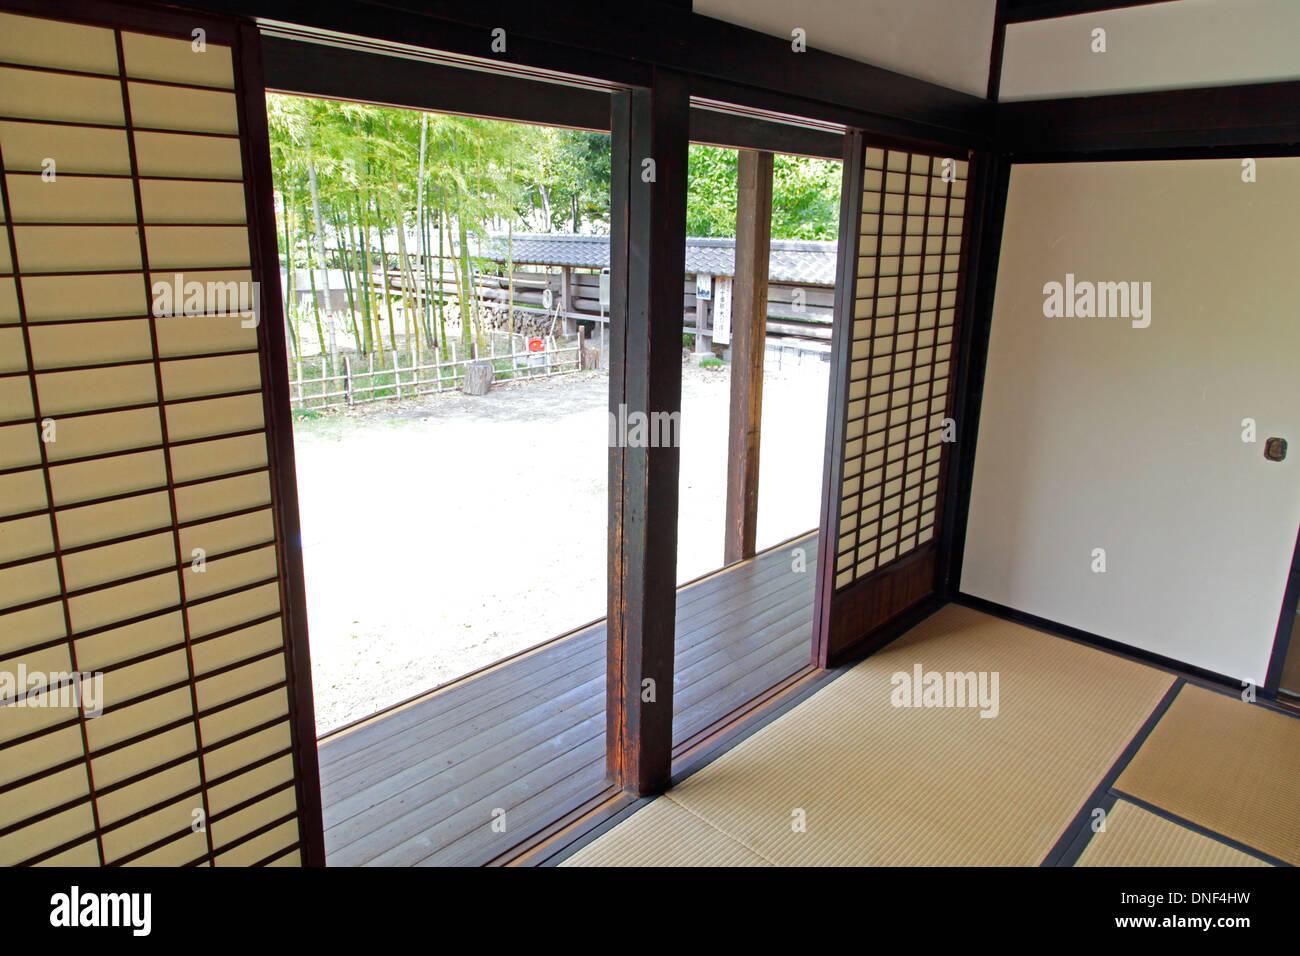 Vieille Porte En Bois Coulissante portes coulissantes shoji d'une vieille maison japonaise